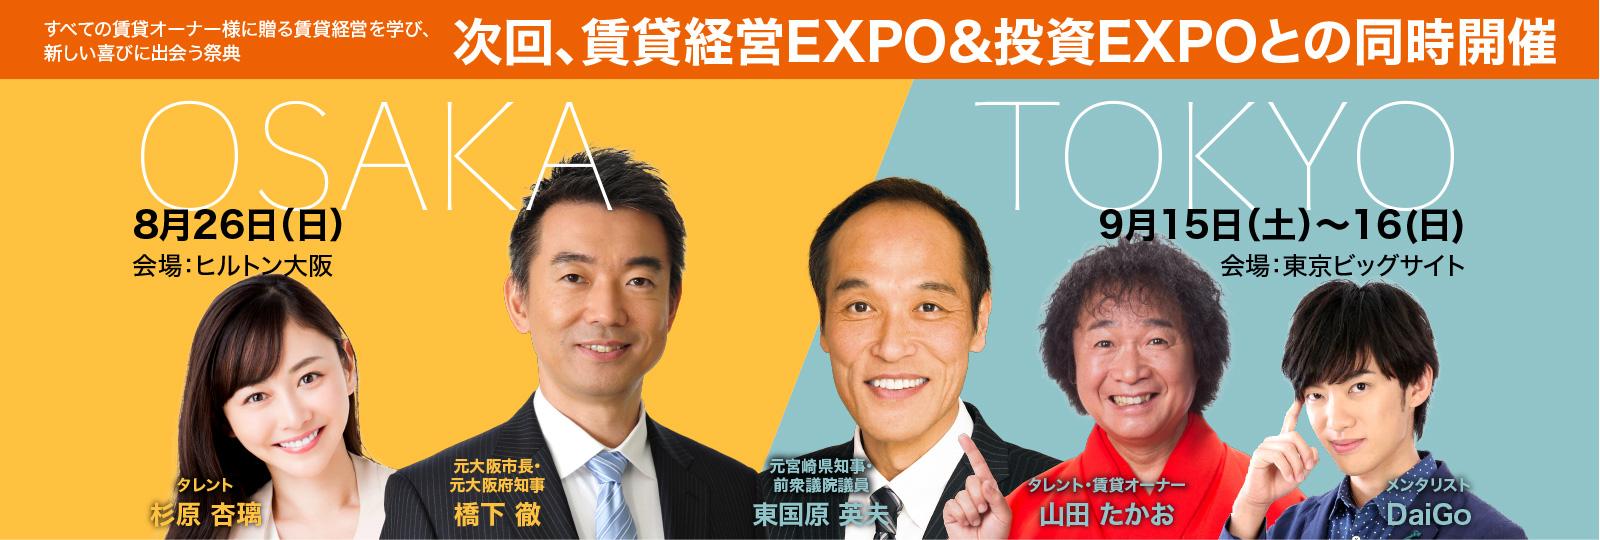 賃貸経営EXPO 2018 東京・大阪「ヨイチンタイ」